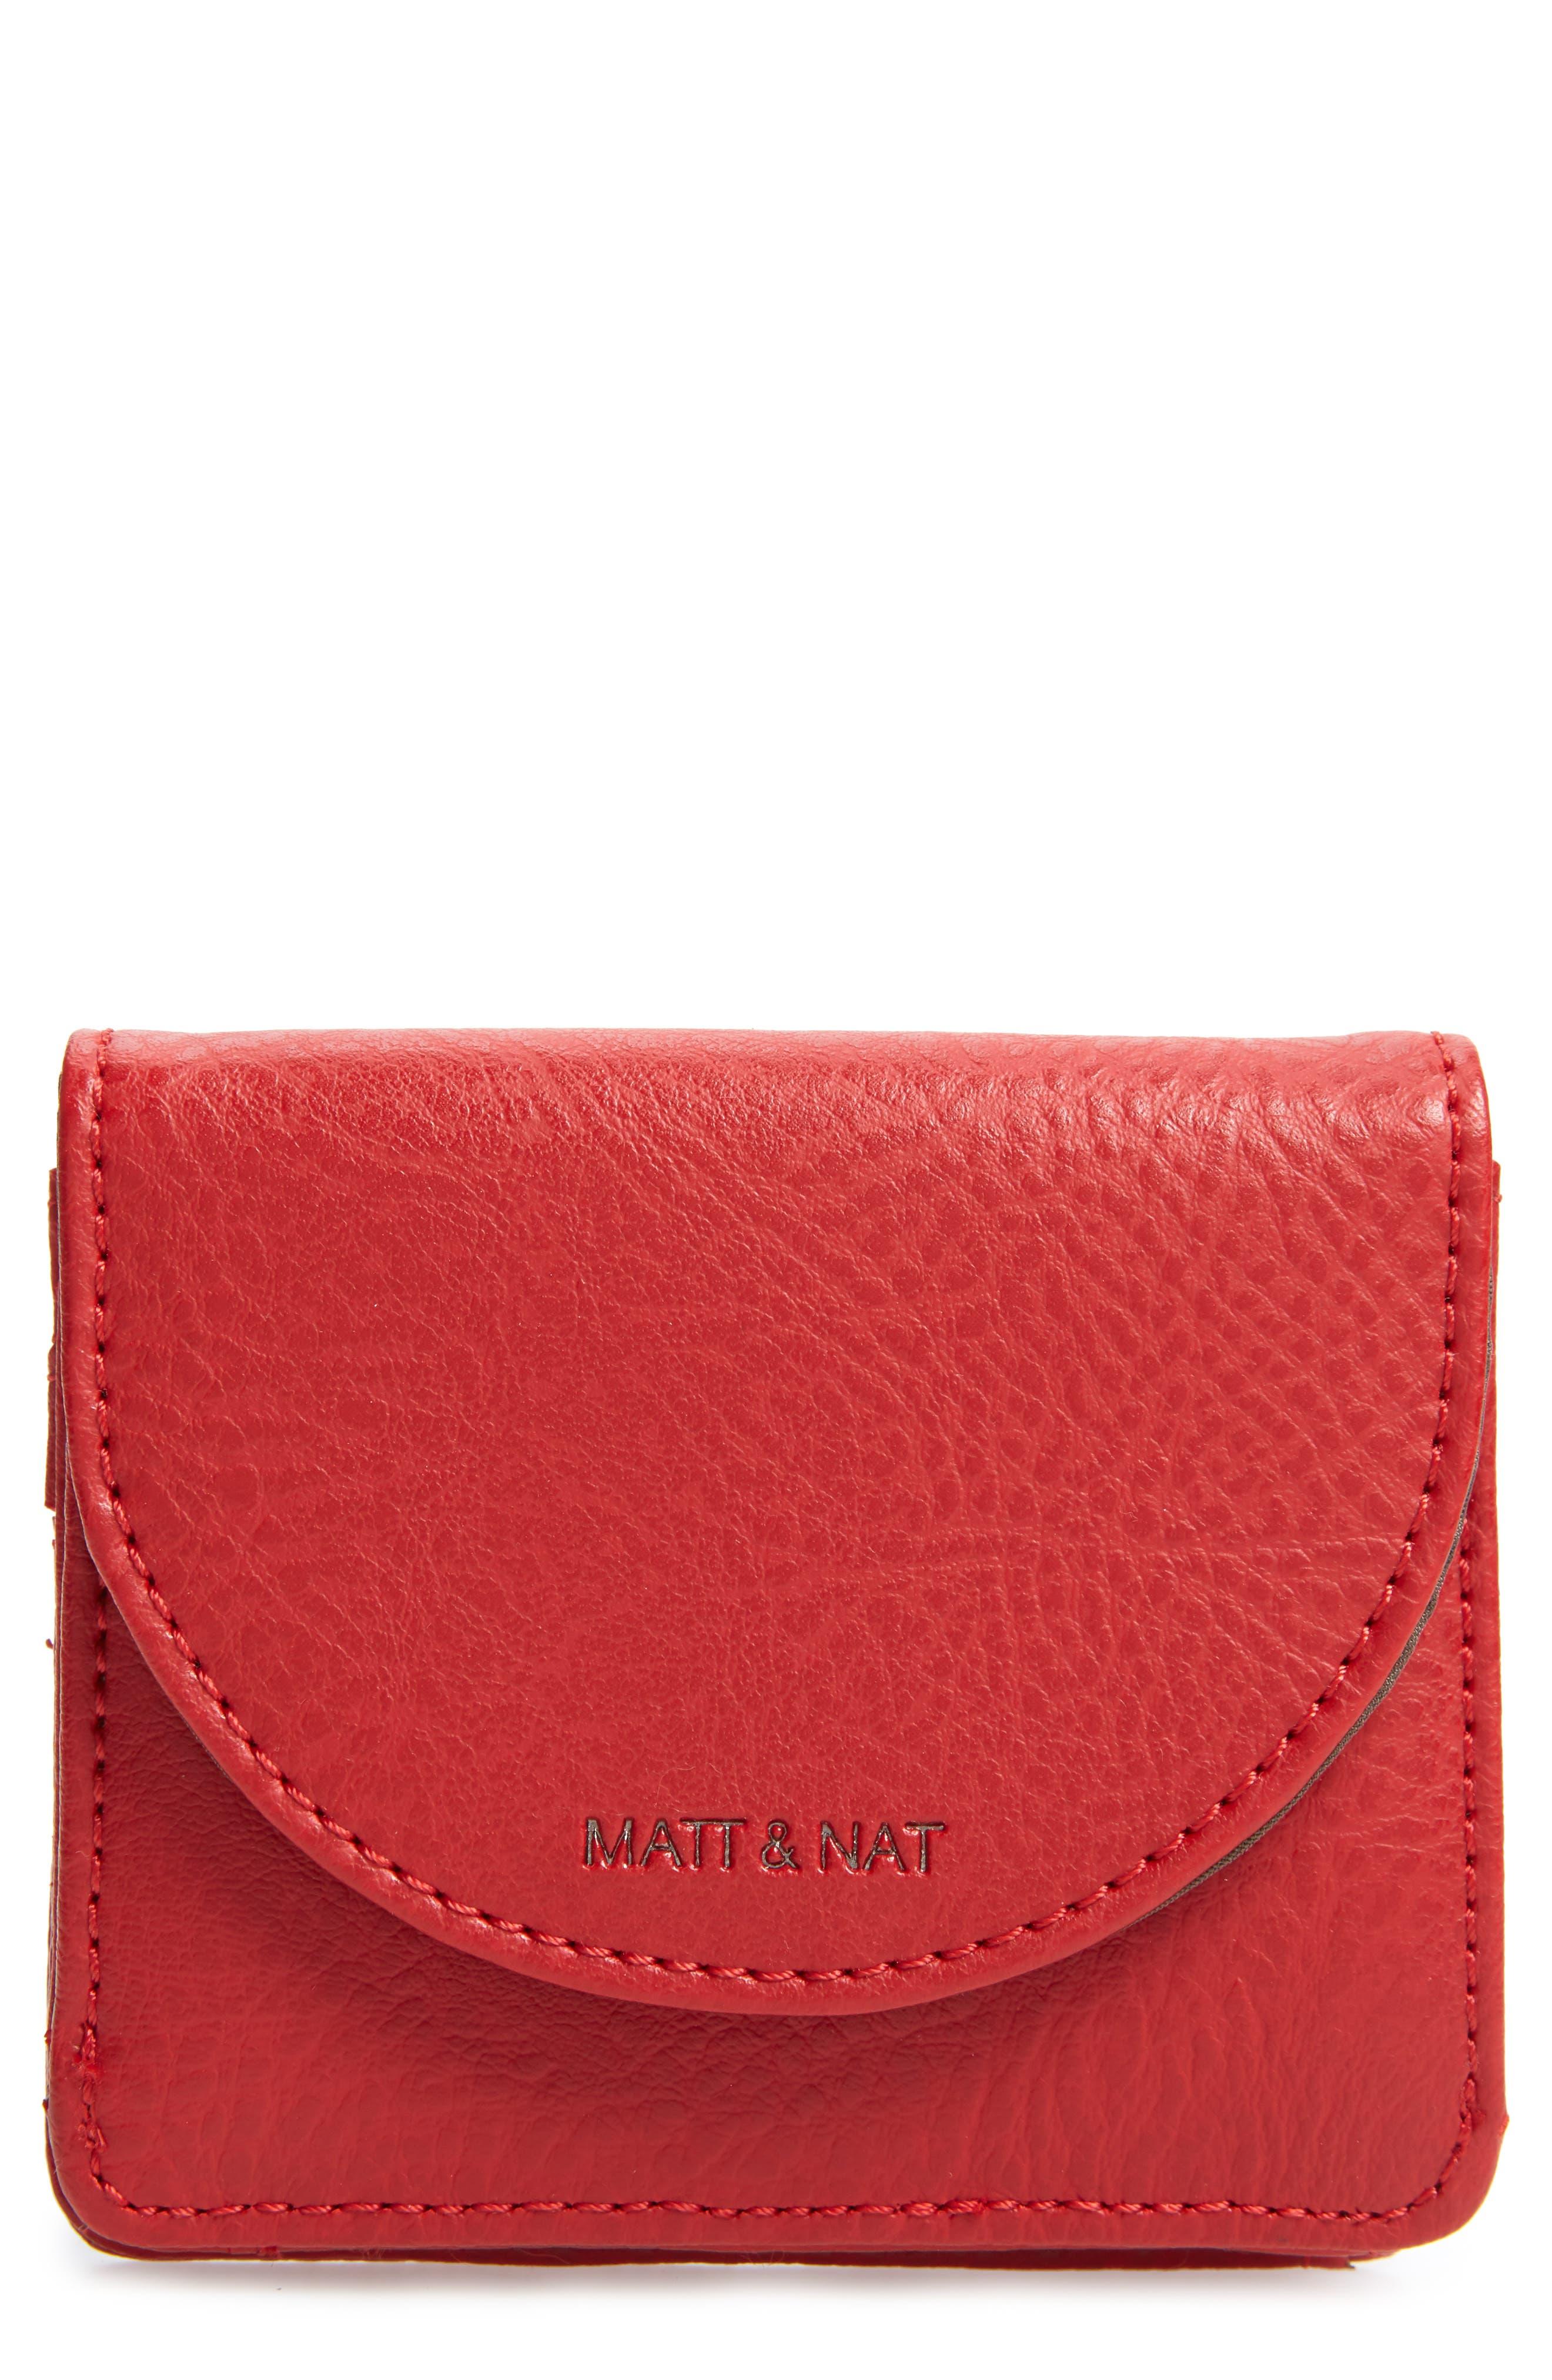 Matt & Nat Farre Faux Leather Wallet - Red